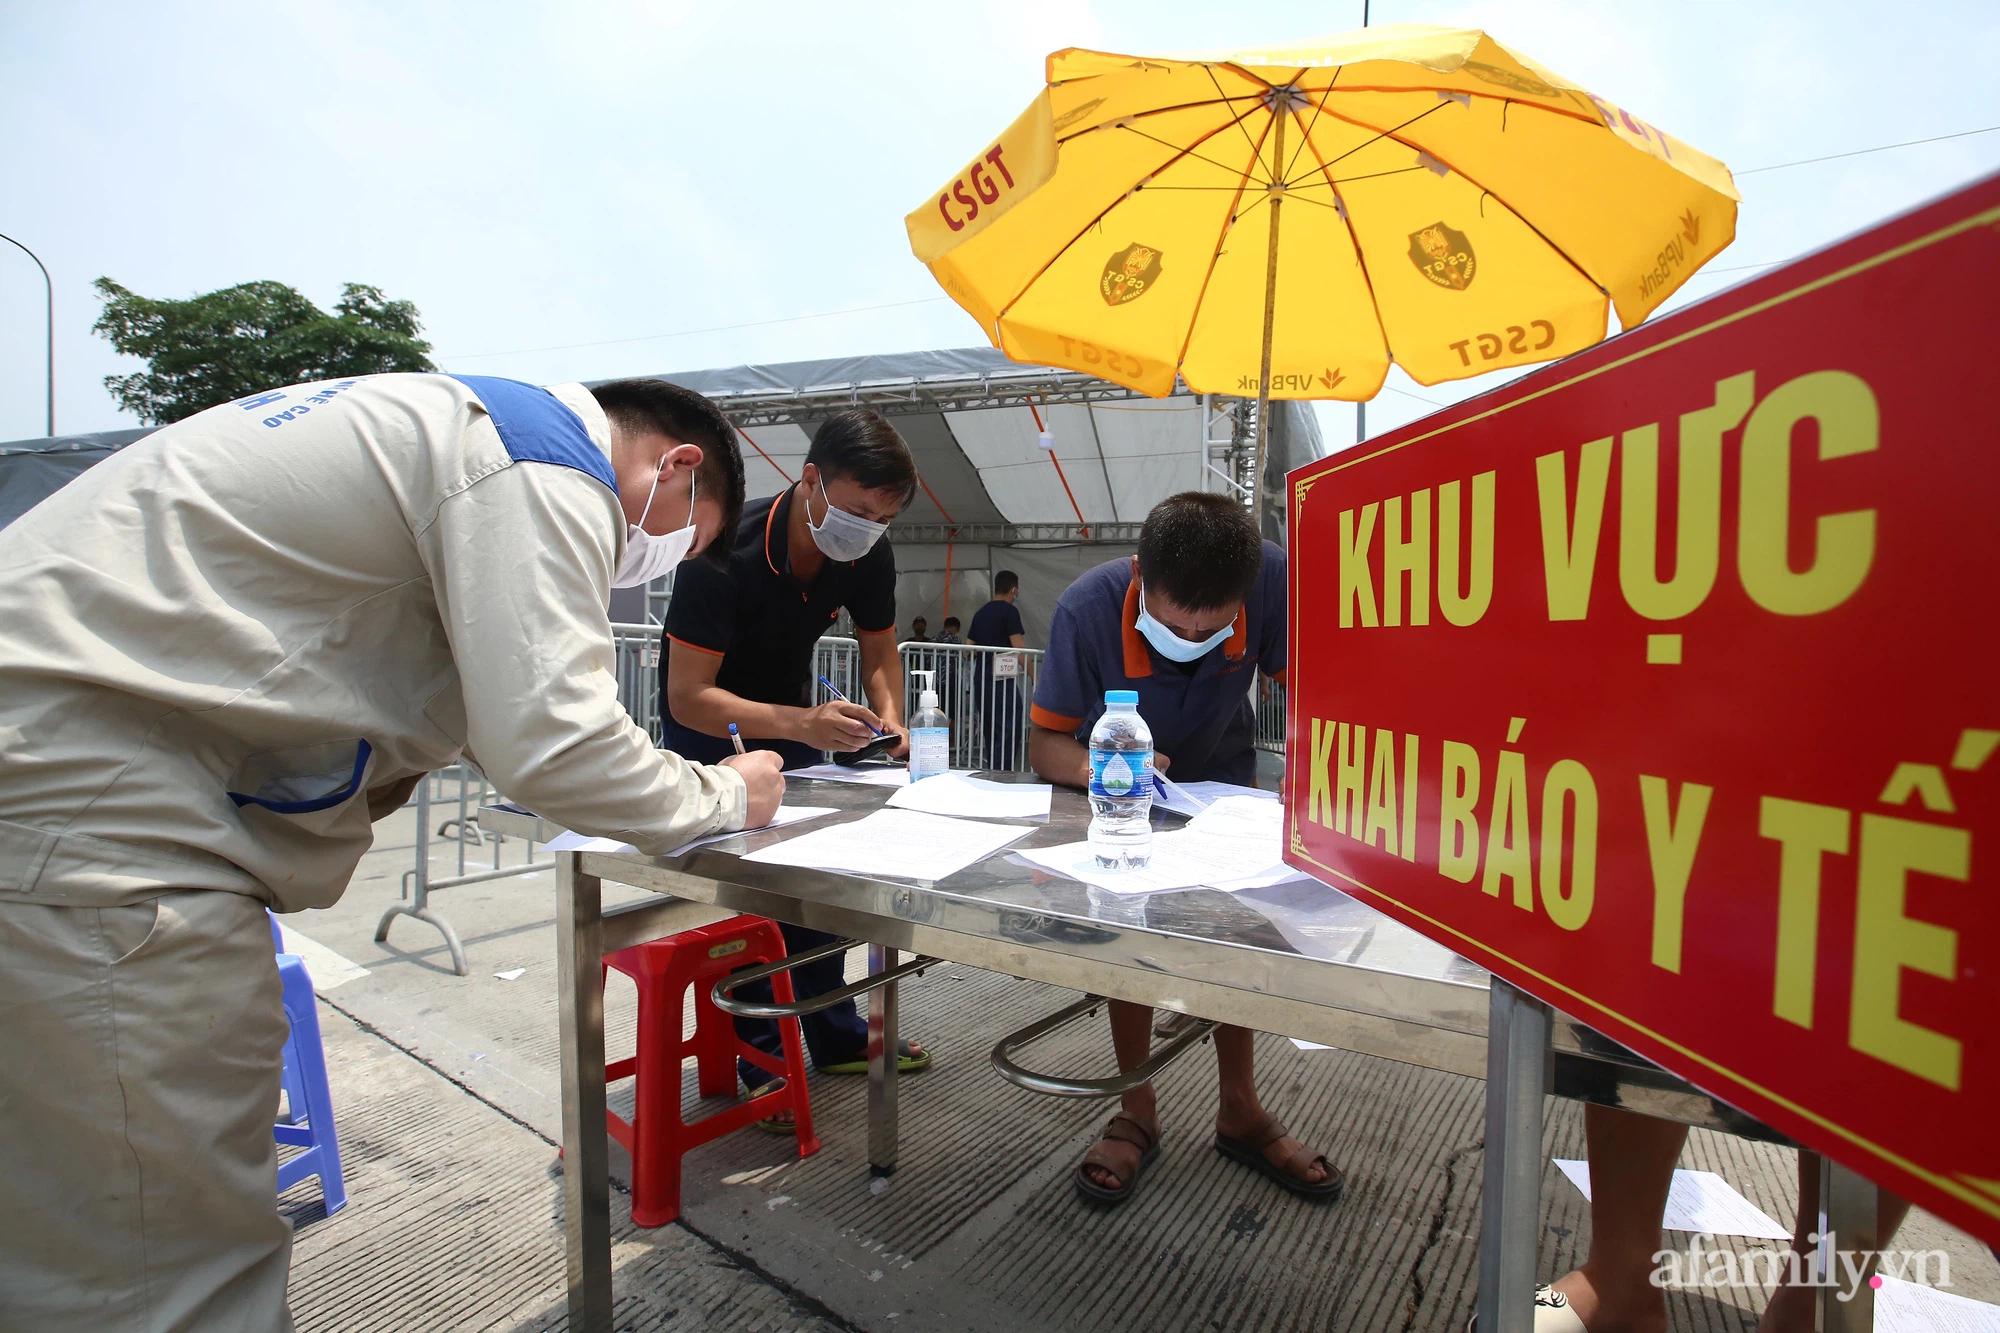 Hà Nội chỉ đạo khẩn để làm giảm ùn tắc ở 22 chốt kiểm dịch ra vào cửa ngõ Thủ đô - Ảnh 3.